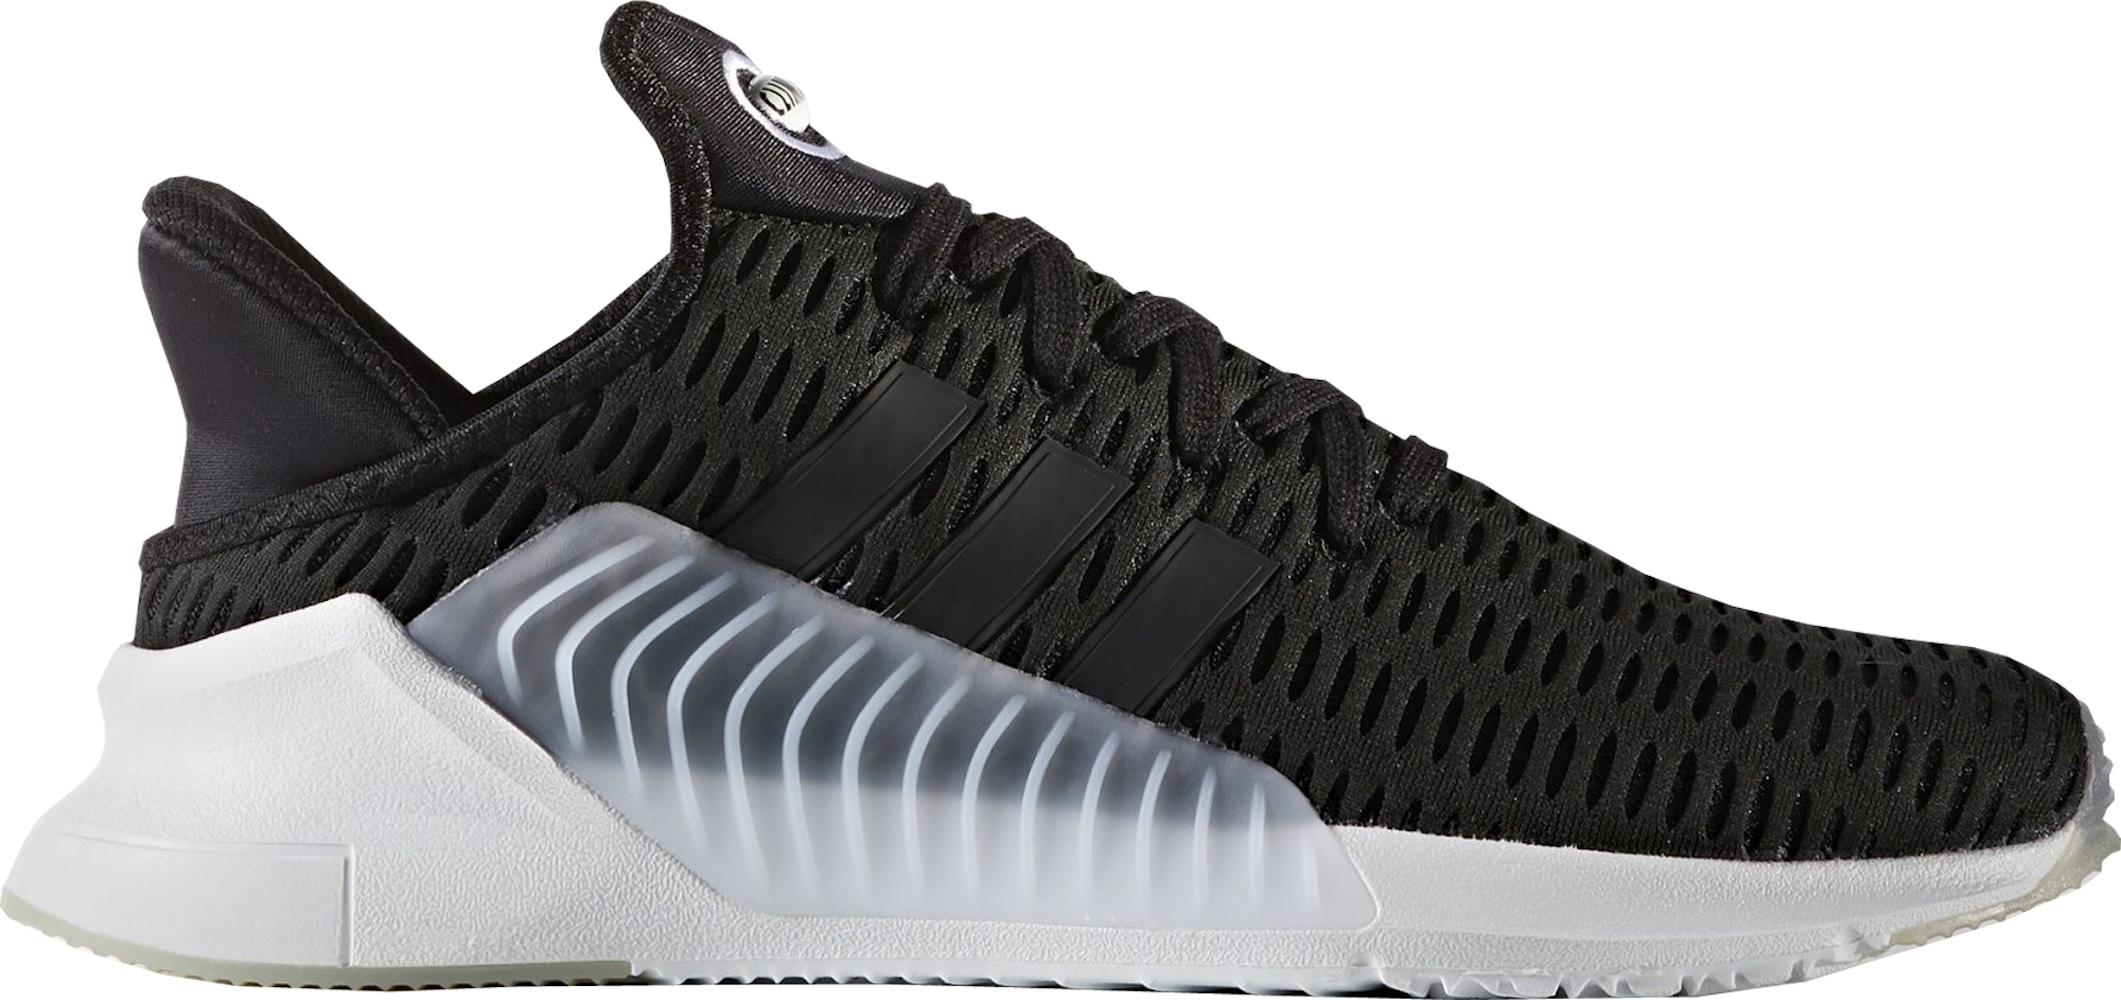 adidas Climacool 02/17 Black White - BZ0249